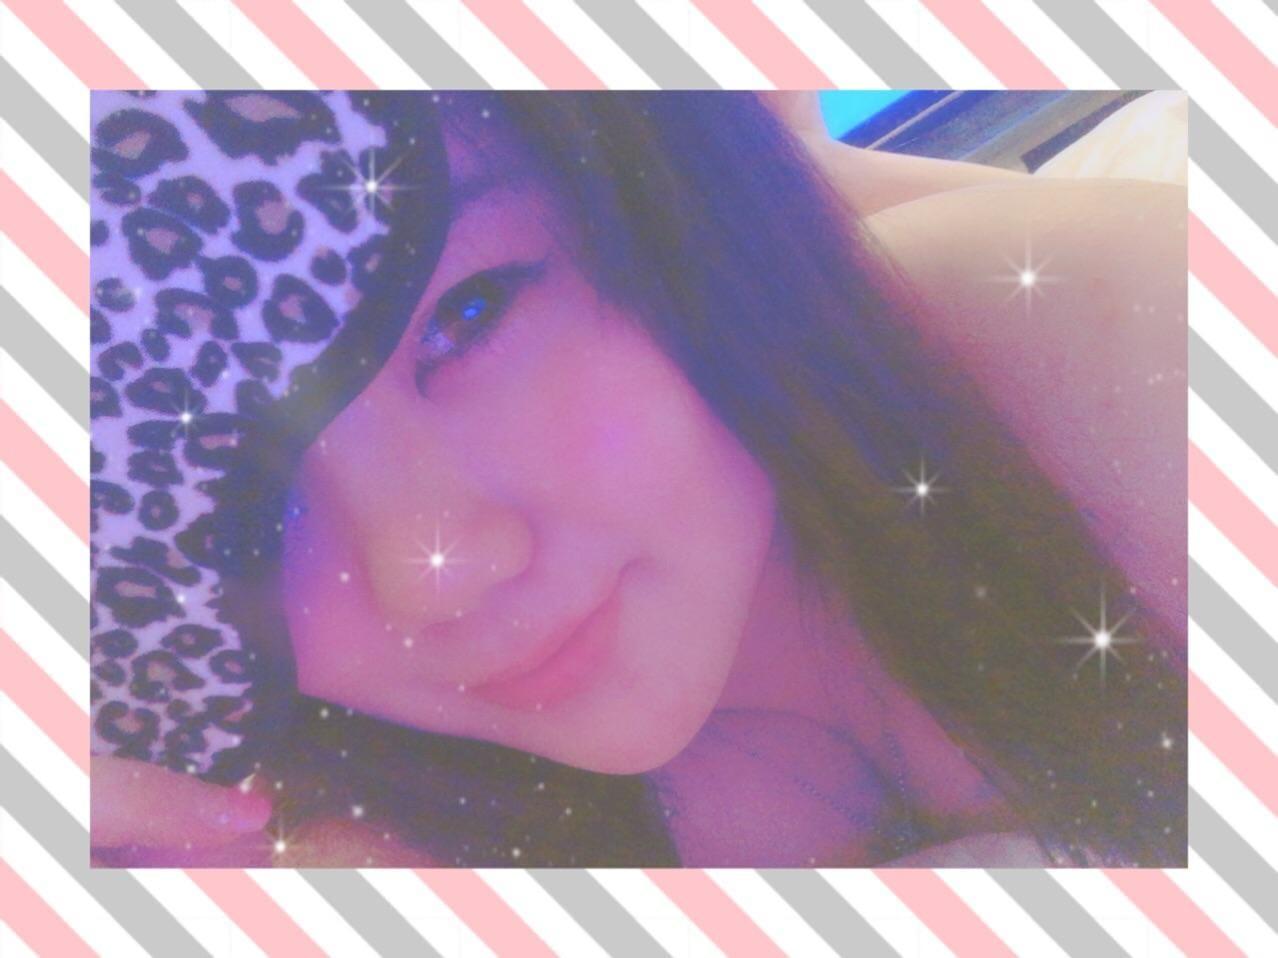 「お礼:ひとり暮らしのおにいさま☆彡.。」01/19(土) 04:10 | ちぃなの写メ・風俗動画